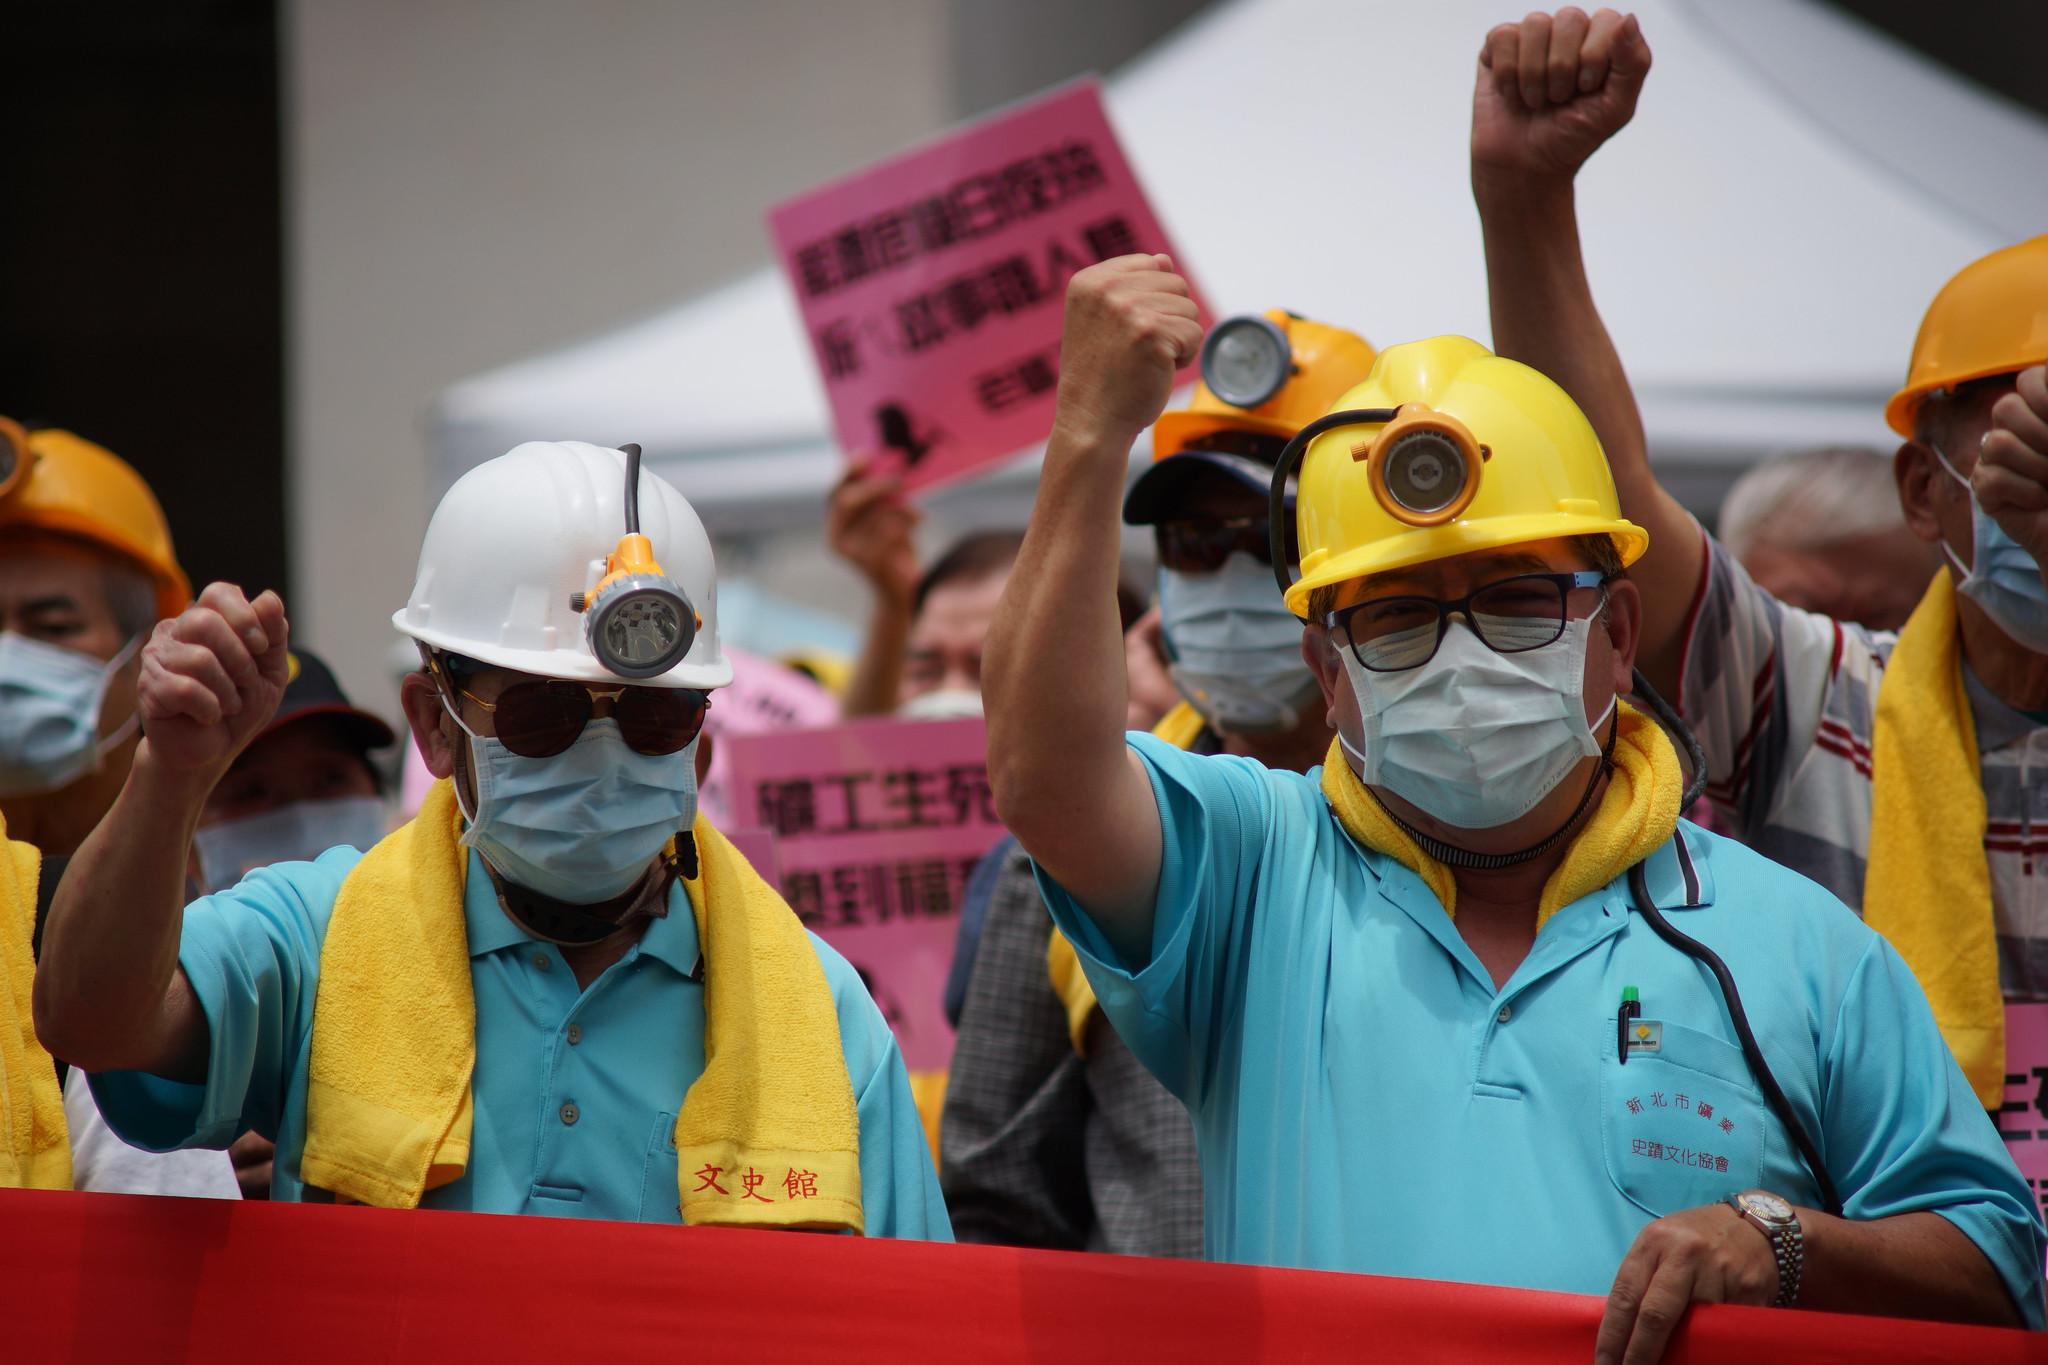 高齡7、80歲的老礦工重新戴上安全帽現身五一遊行。(攝影:王顥中)